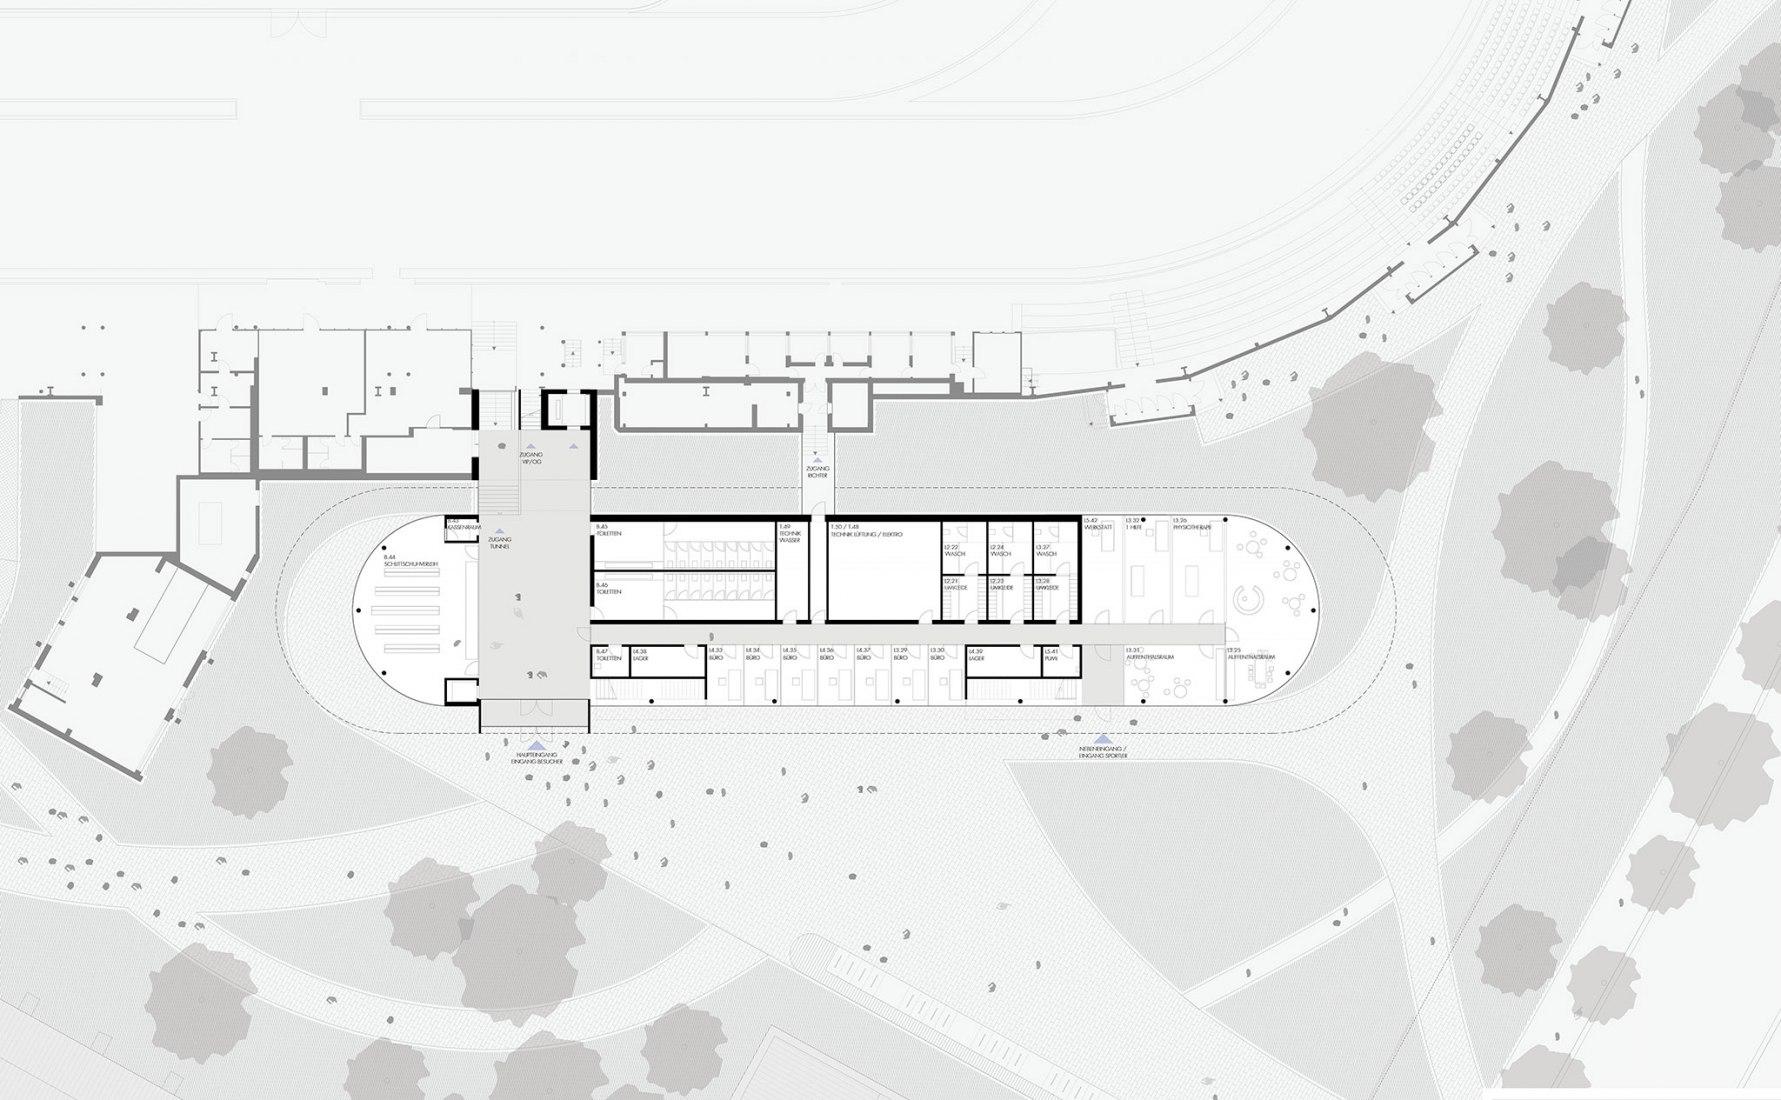 Planta baja. Ampliación del centro Sportforum de Berlín por Nieto Sobejano Arquitectos. Cortesía del Departamento del Senado para Desarrollo Urbano y Vivienda